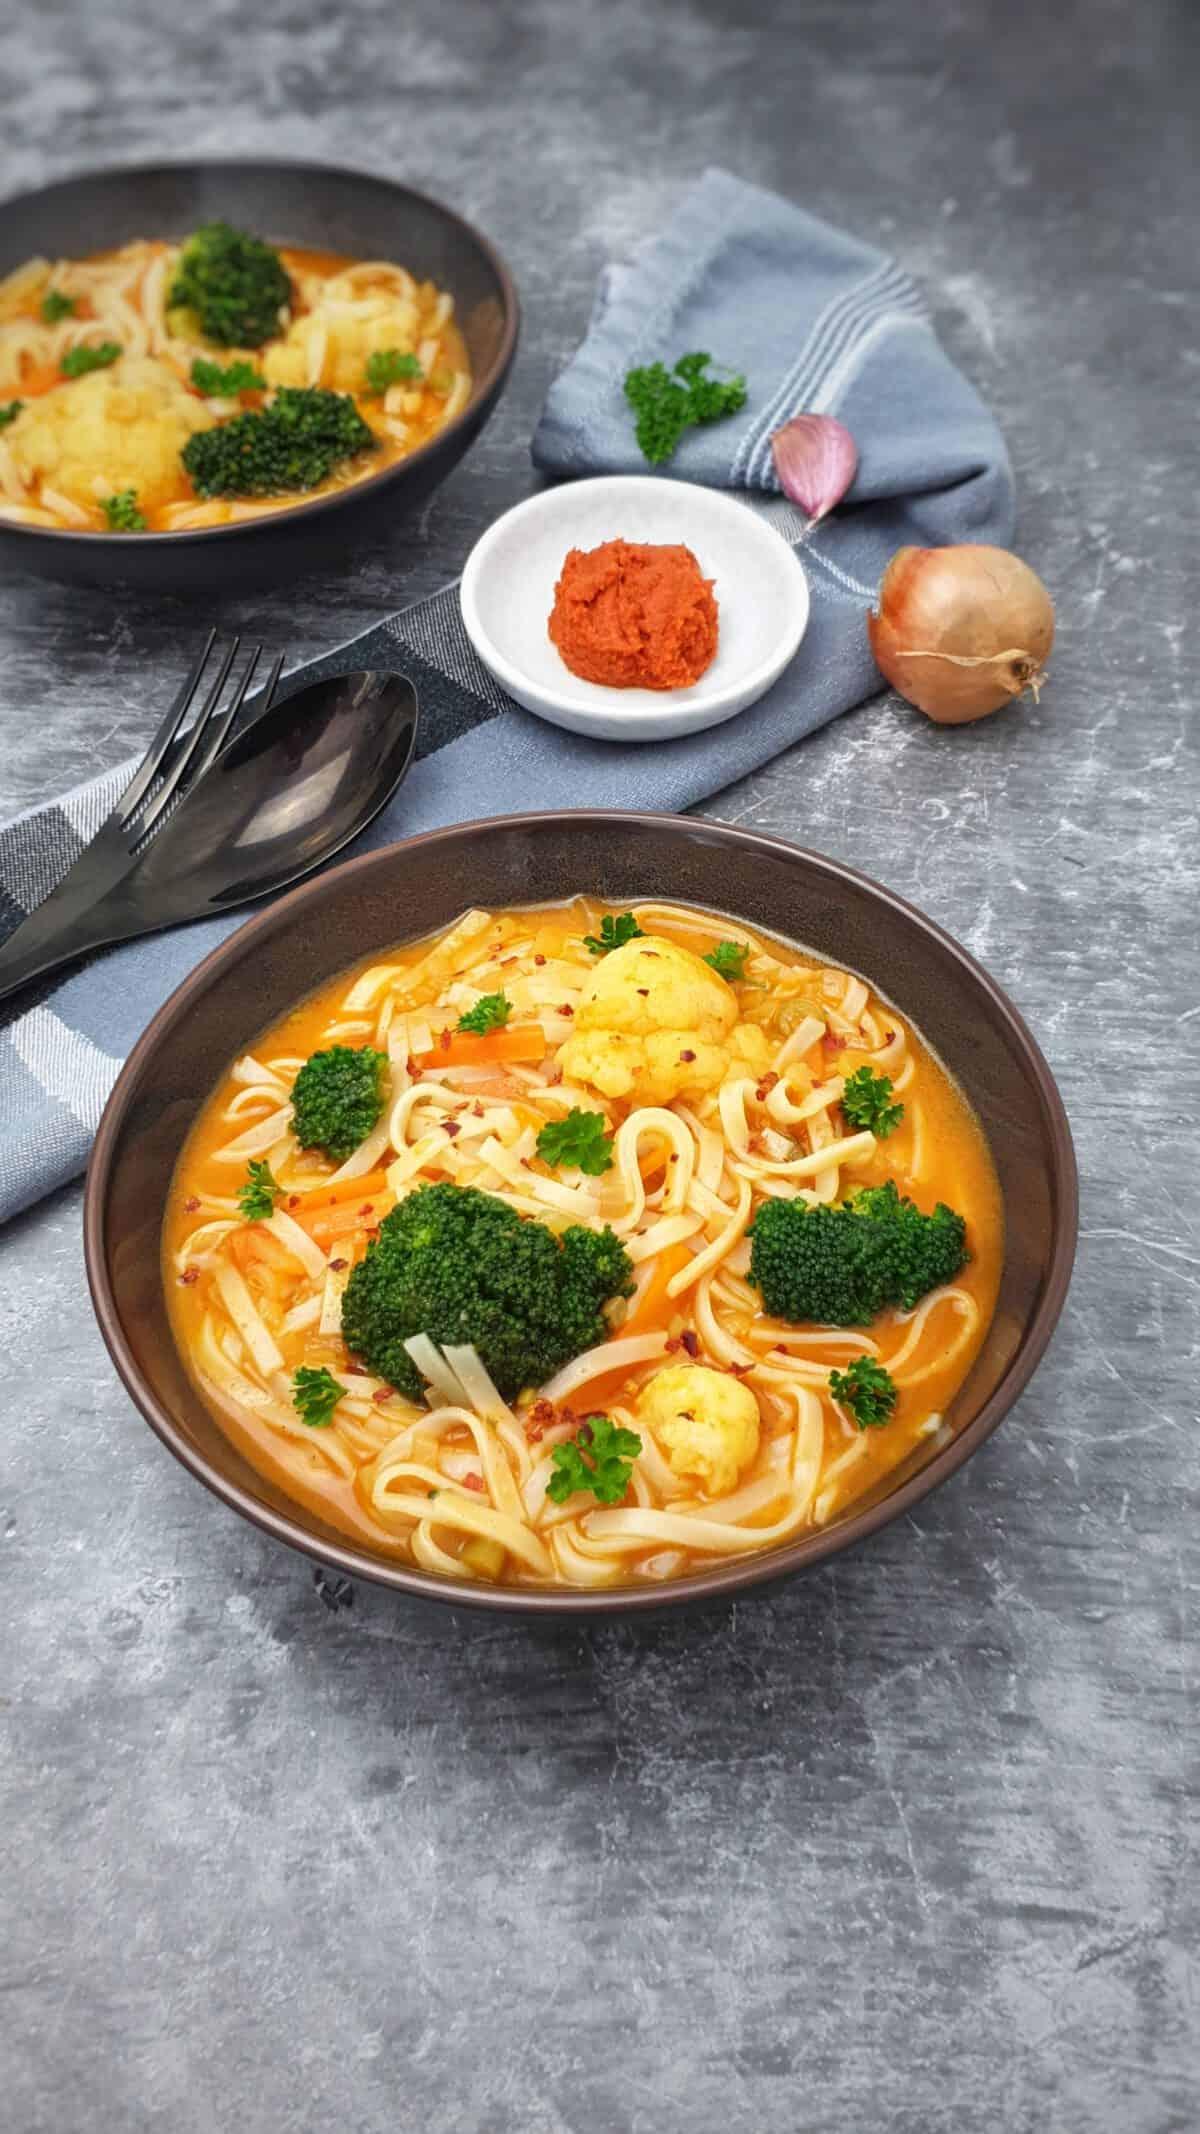 In einer braunen Schale eine rote Currysuppe mit Glasnudeln, Brokkoli und Blumenkohl. Im Hintergrund Deko.